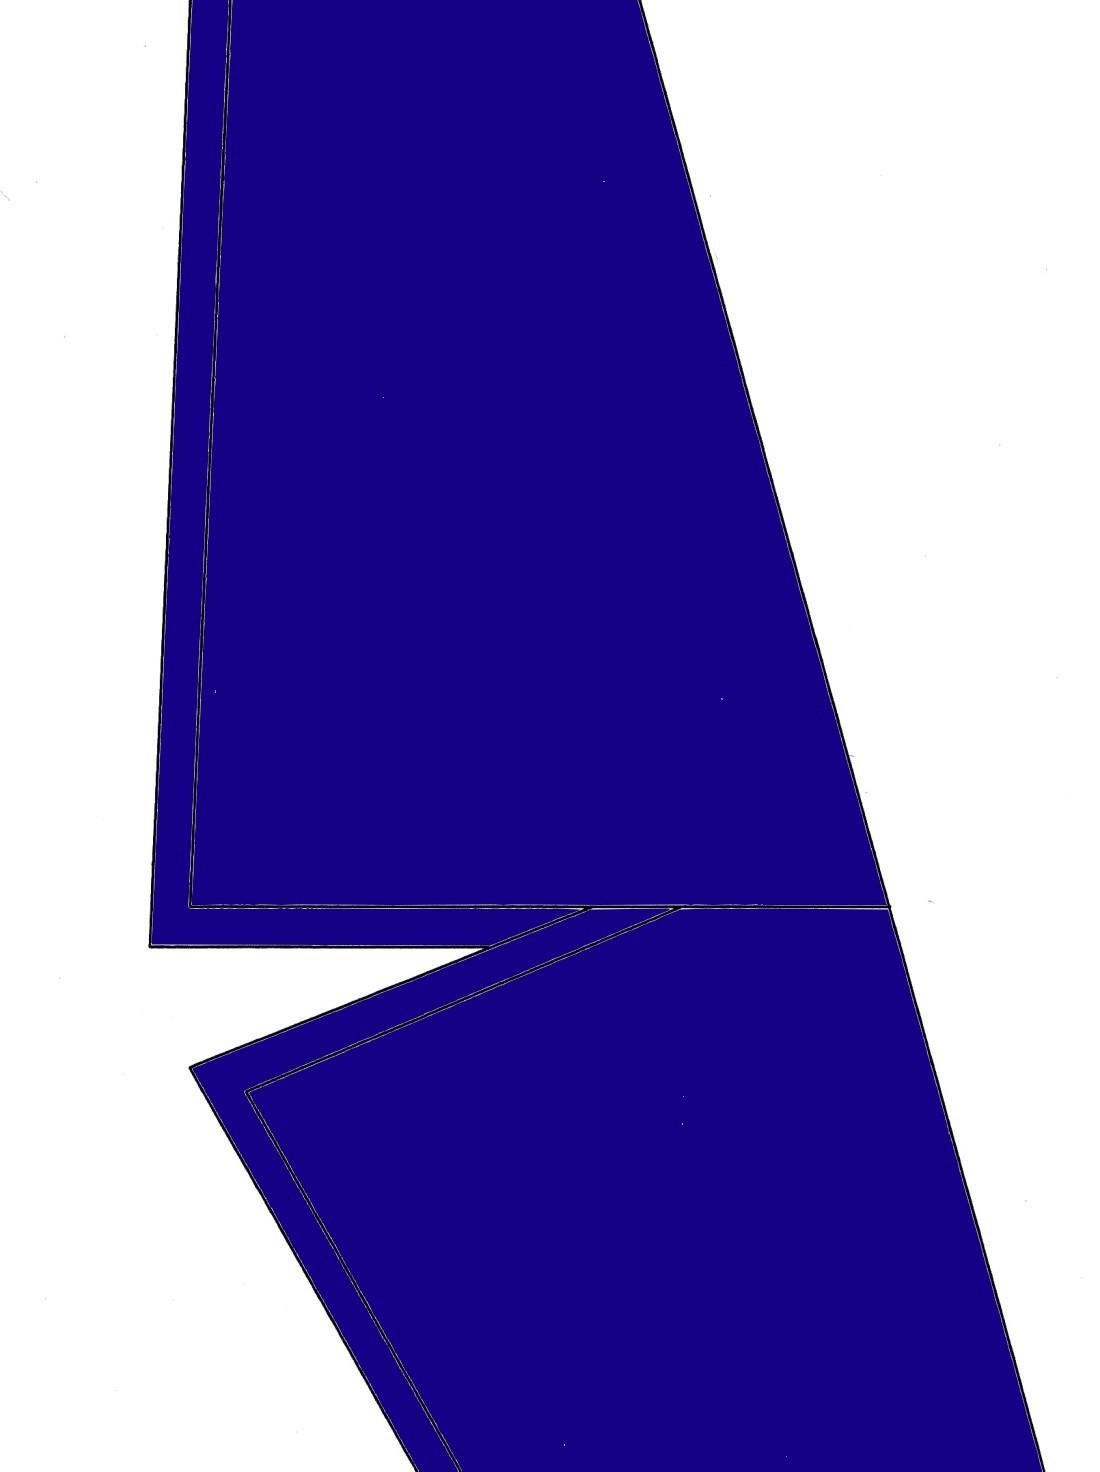 01-kragen-rangabzeichen-helfer-hg-blau